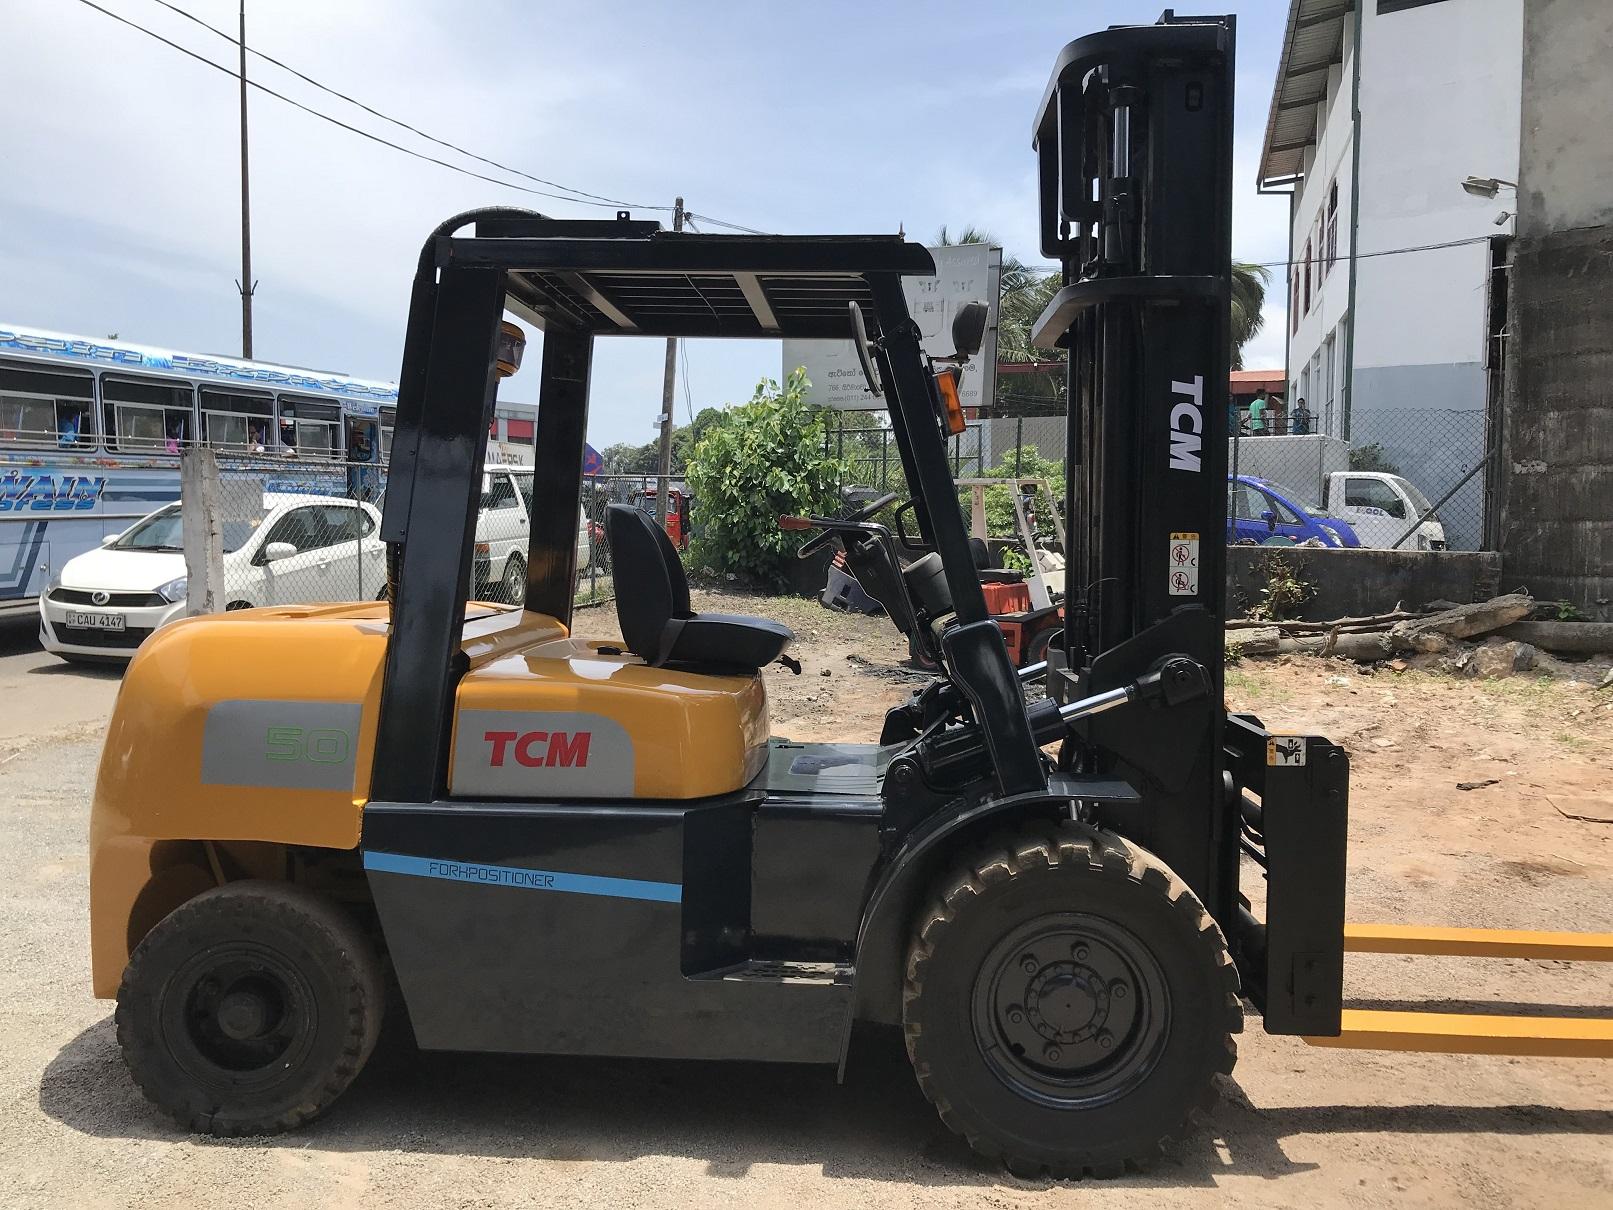 Forklift Rentals and Hiring in Srilanka TCM 5 ton Forklift |